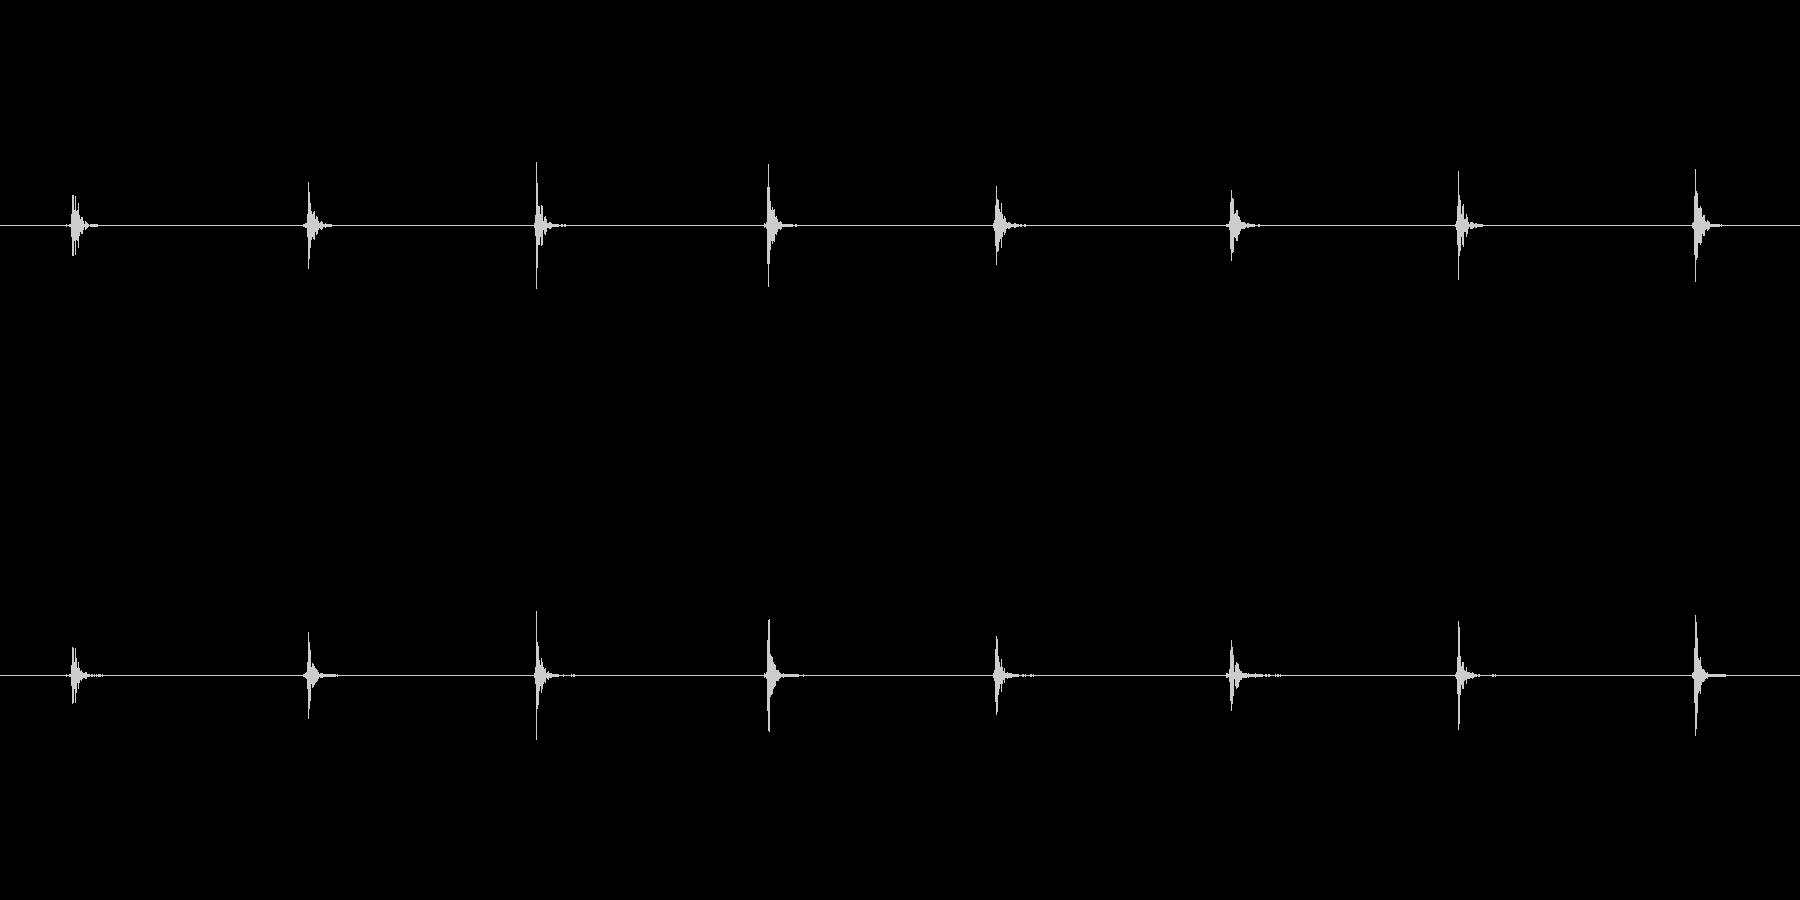 モンスター 足音トドル04の未再生の波形